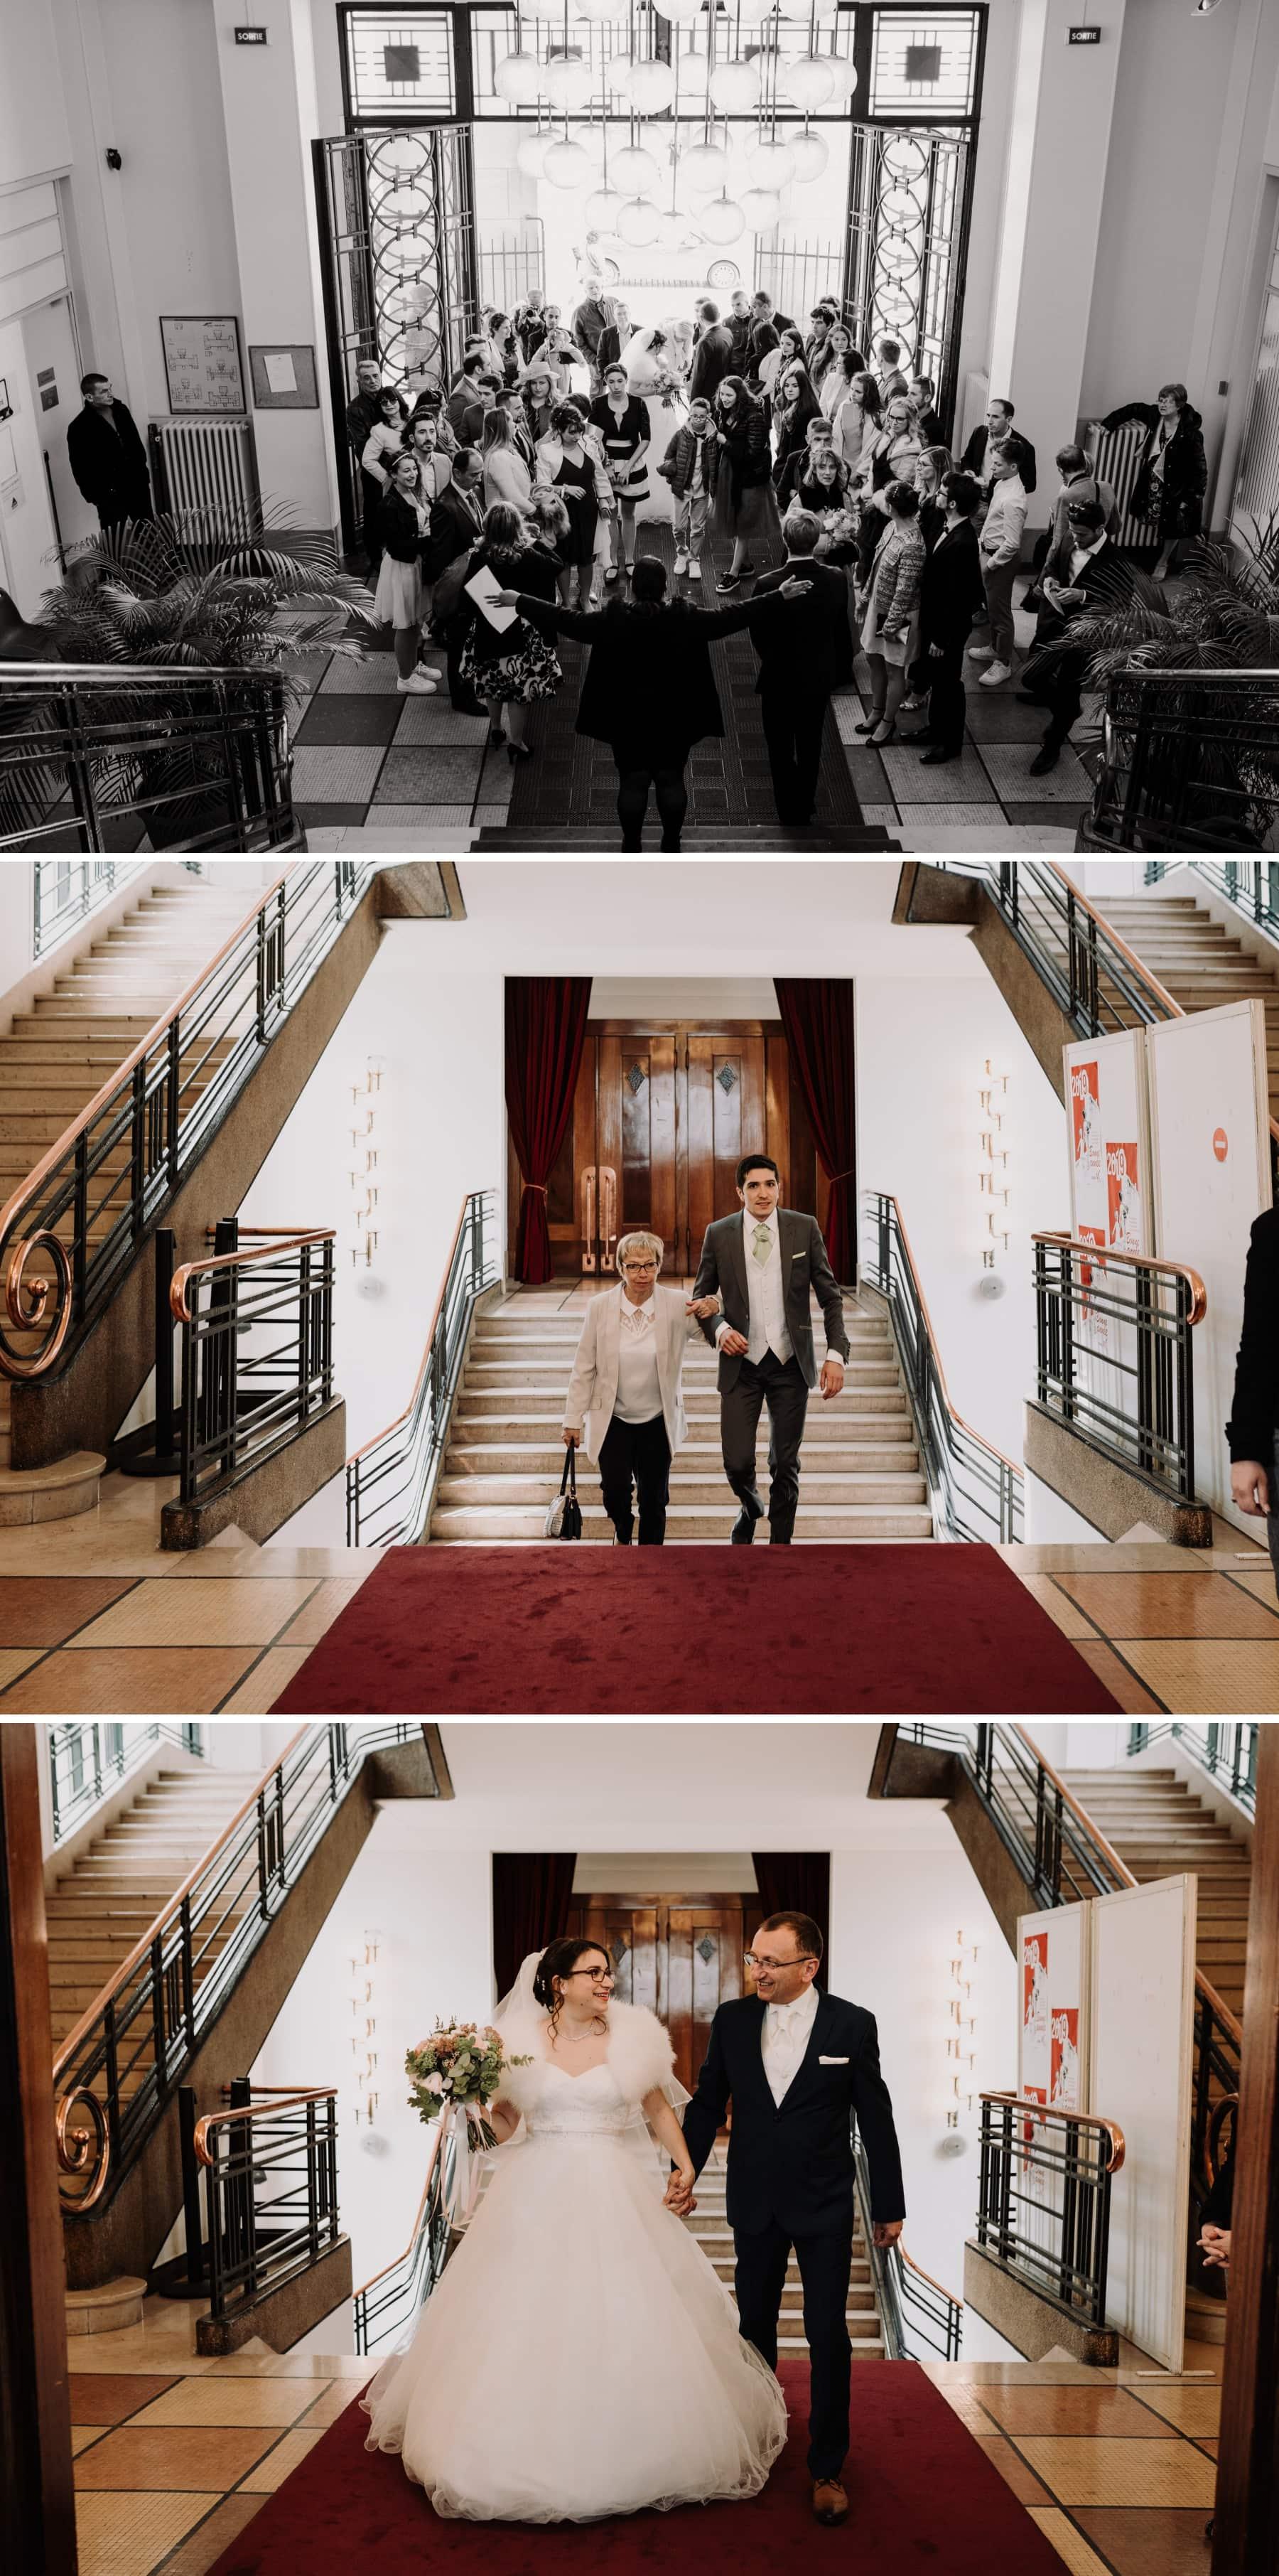 entrée des mariés mairie du 18 eme